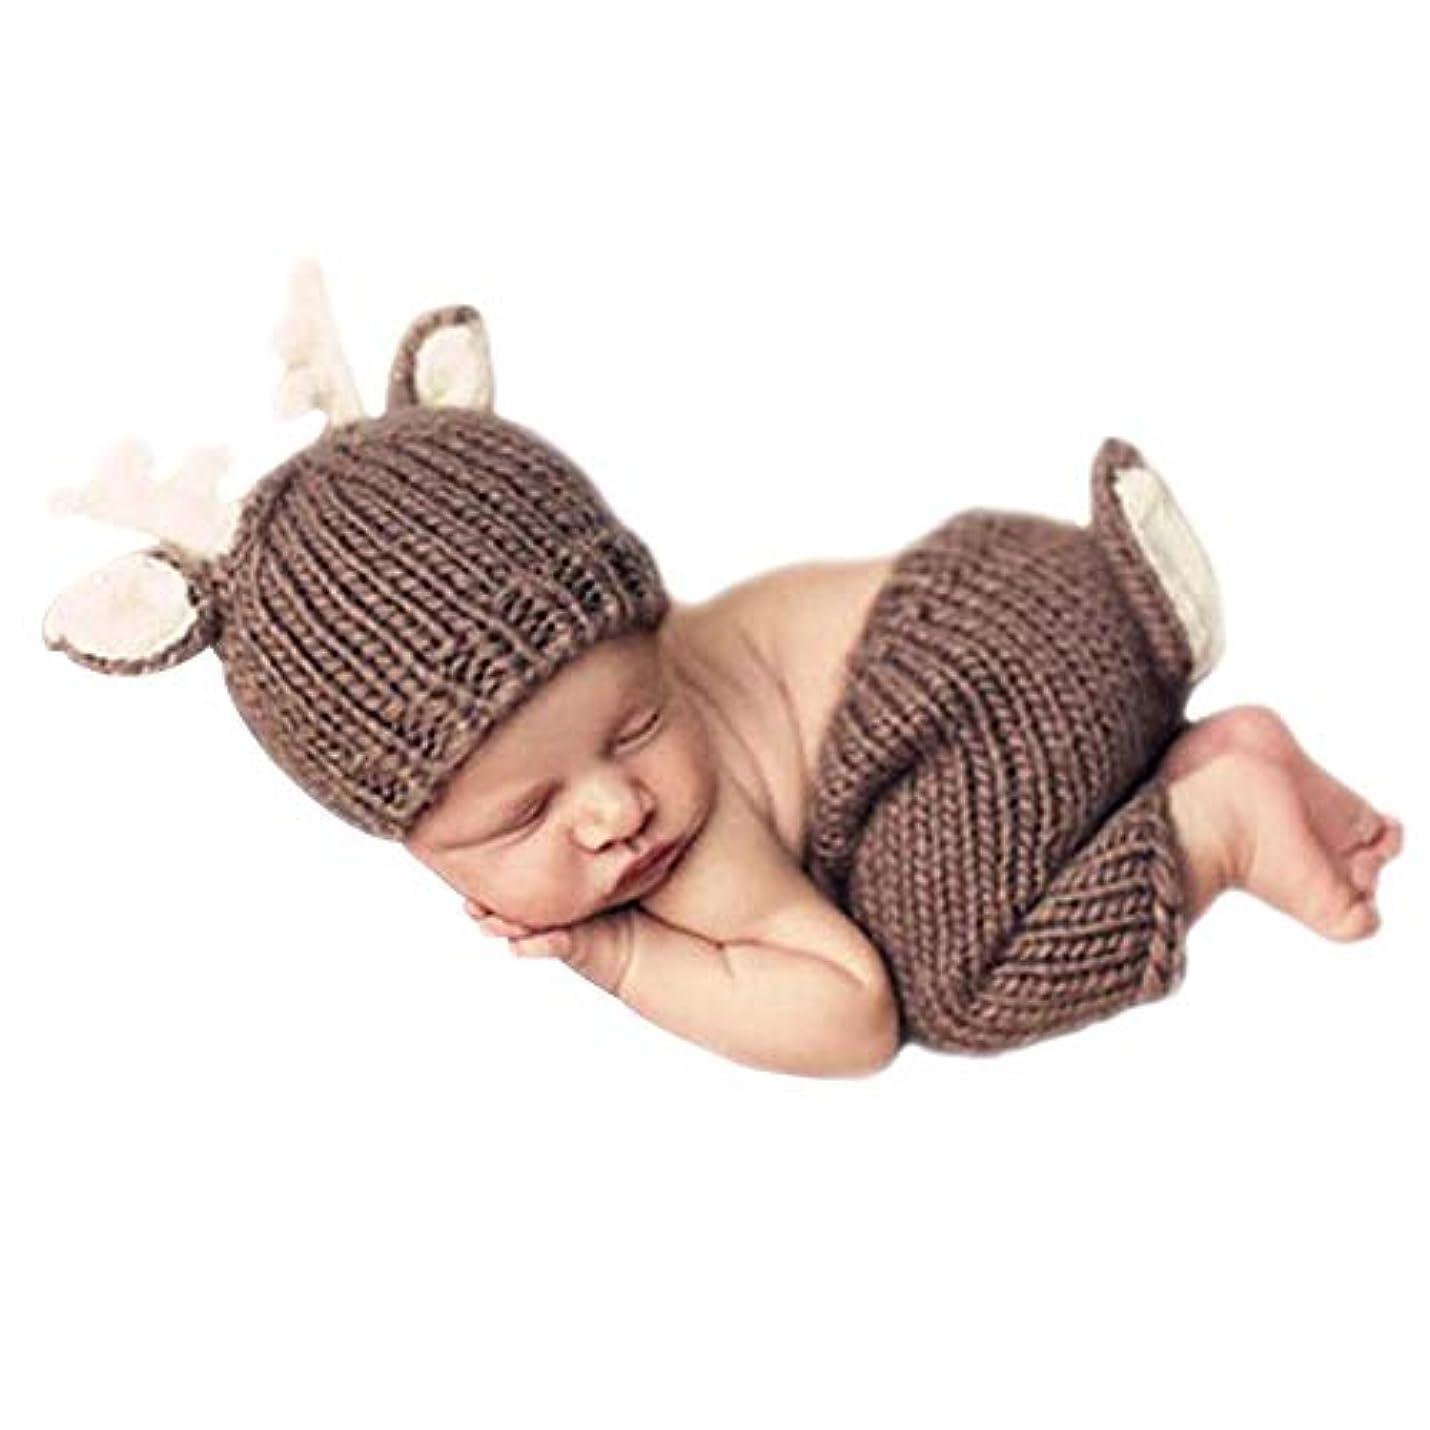 地中海起こるオーバーランベビー用着ぐるみ コスチューム 寝相アート 鹿ヘアバンド付 赤ちゃんの写真道具 新生児 可愛い着ぐるみ 記念撮影 出産祝い 鹿